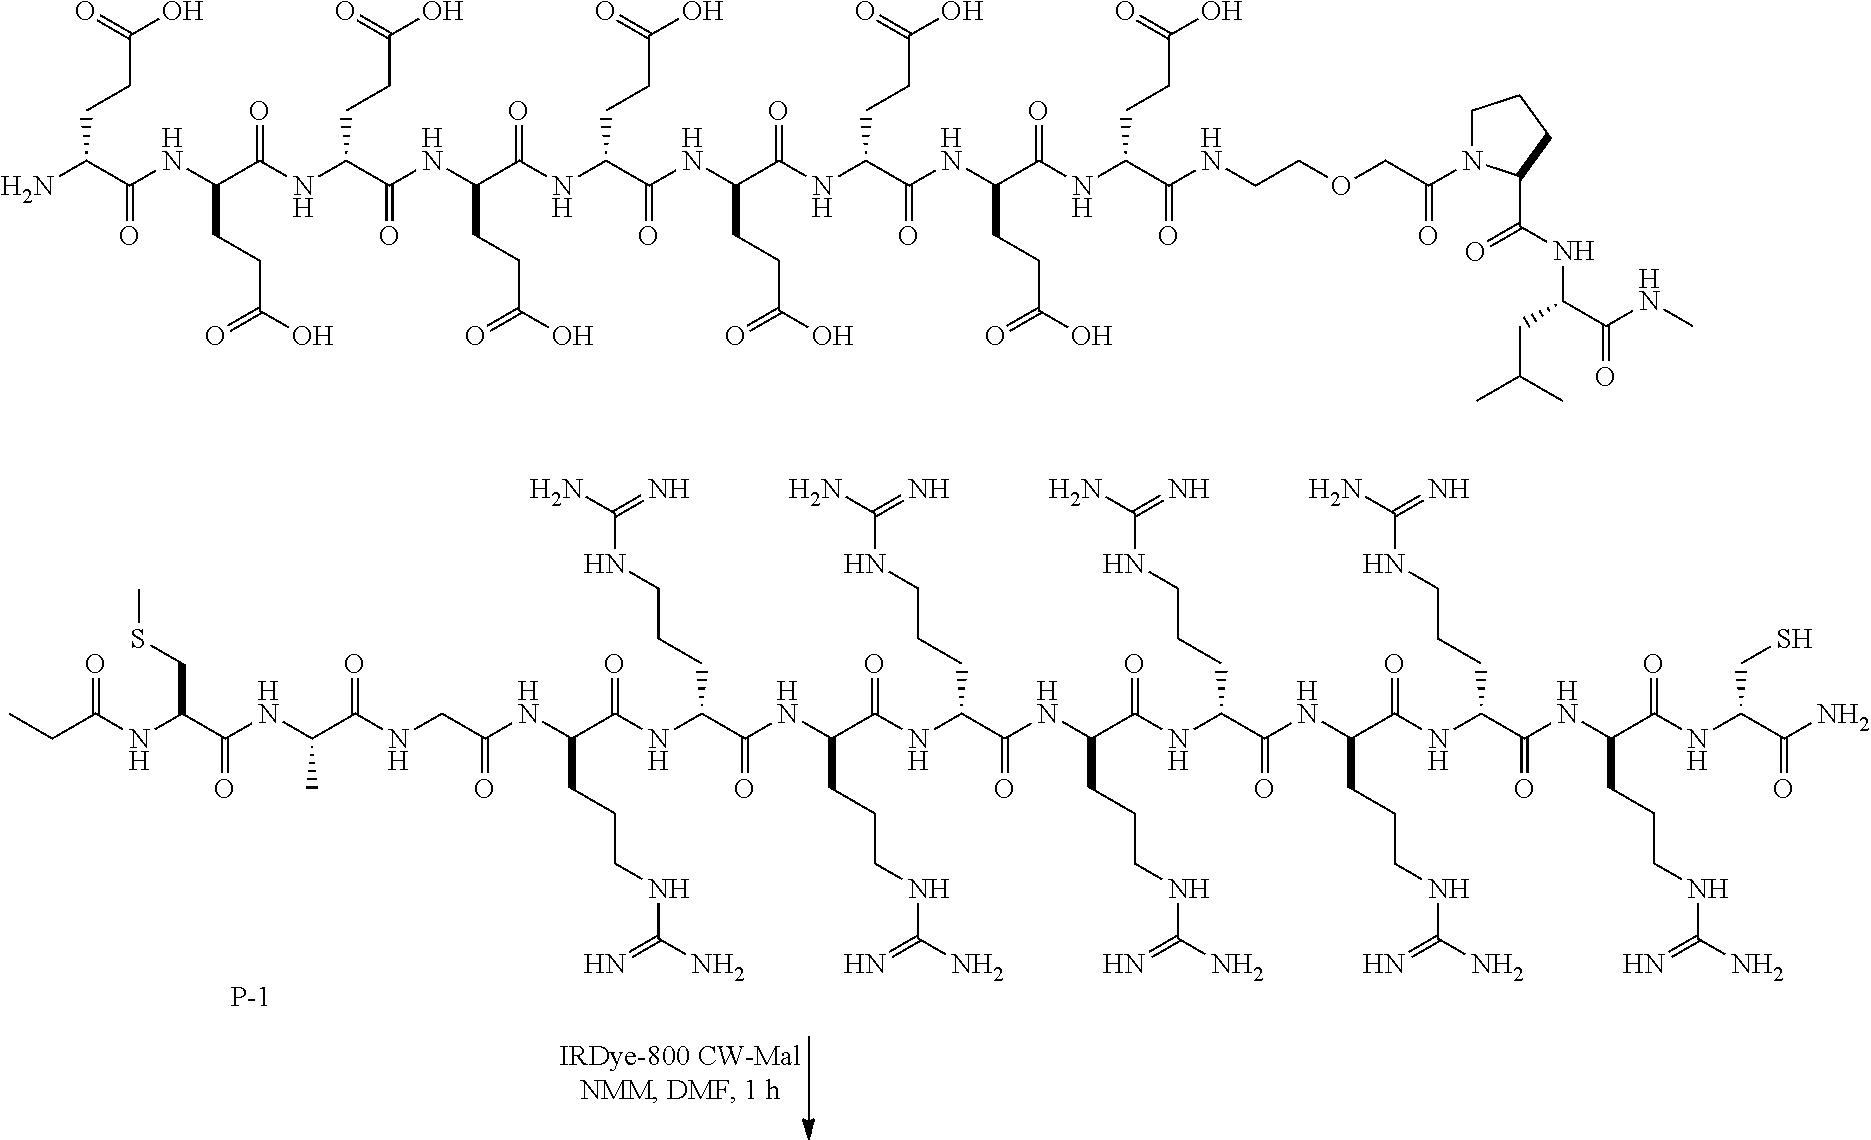 Nota Fizik Tingkatan 4 Yang Sangat Berguna Us9504763b2 Selective Delivery Molecules and Methods Of Use Of Himpunan Nota Fizik Tingkatan 4 Yang Terhebat Untuk Para Murid Download